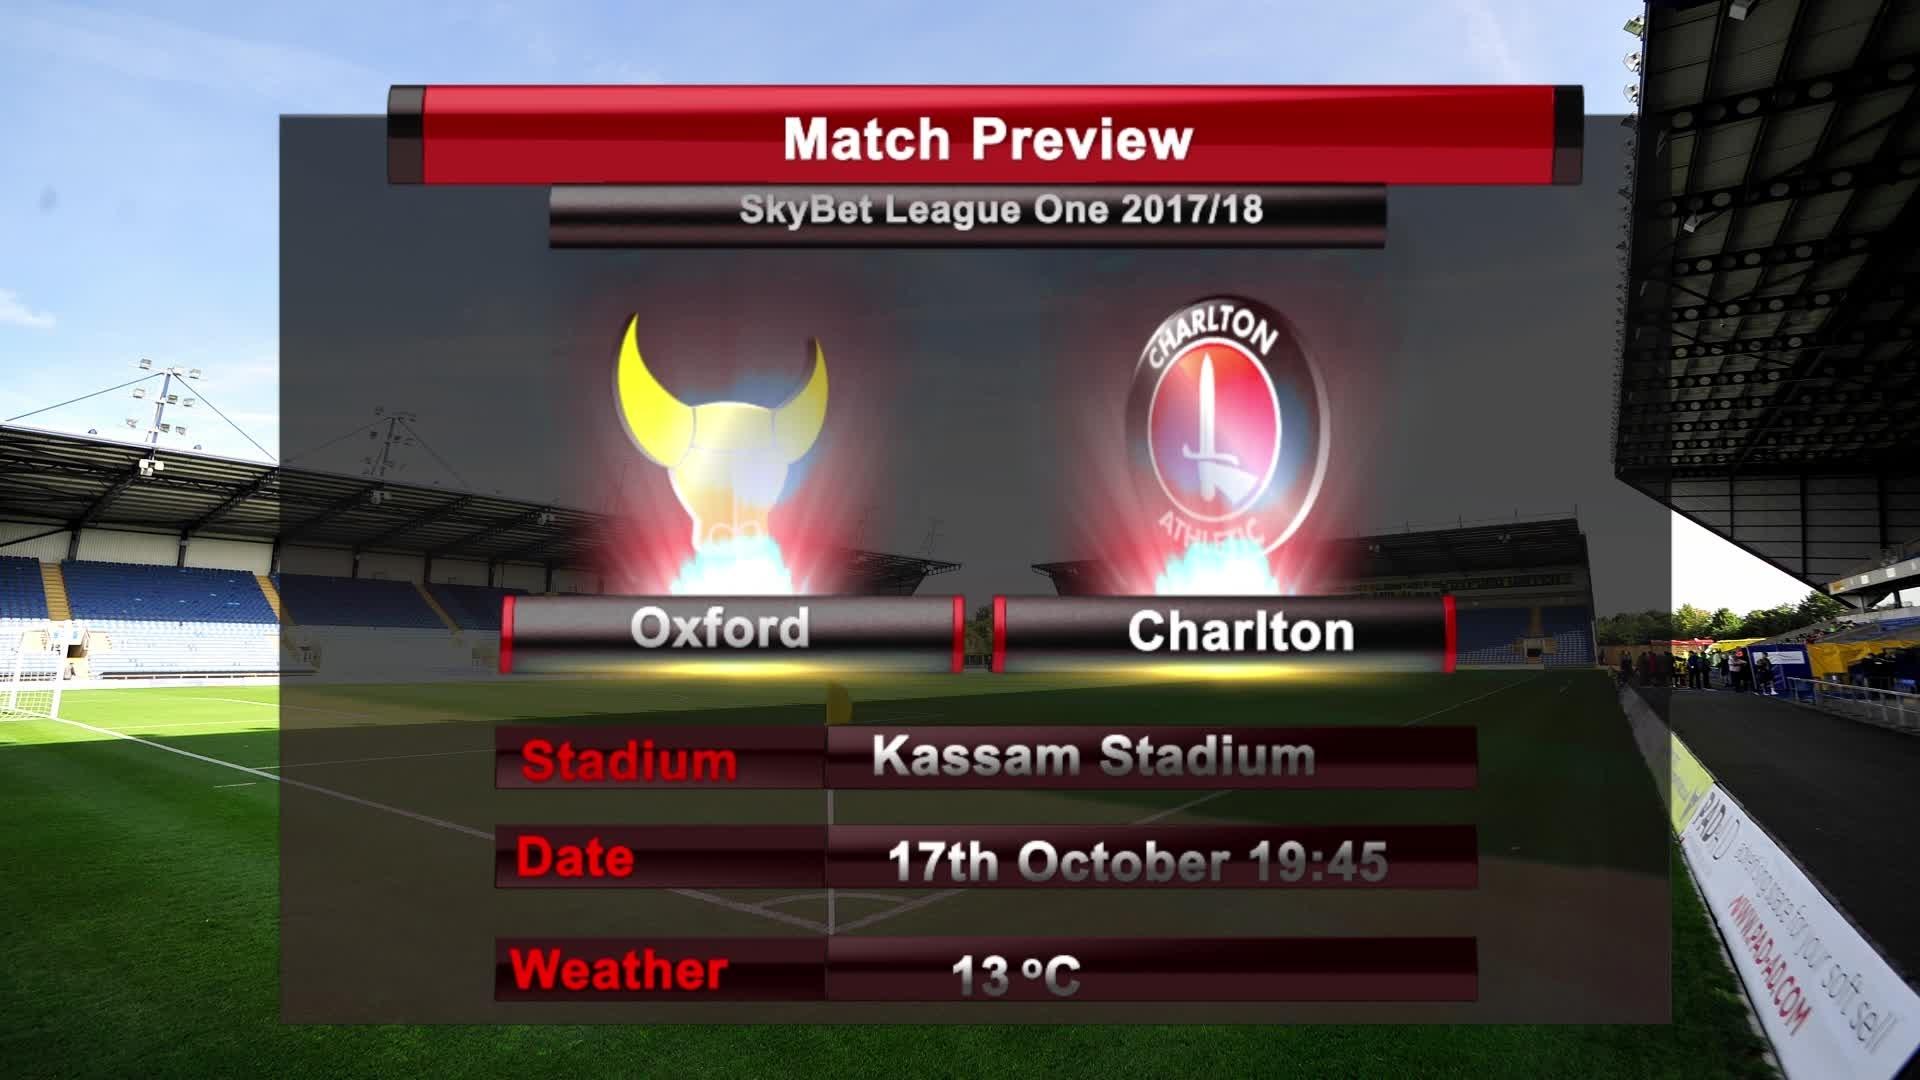 MATCH PREVIEW | Oxford vs Charlton